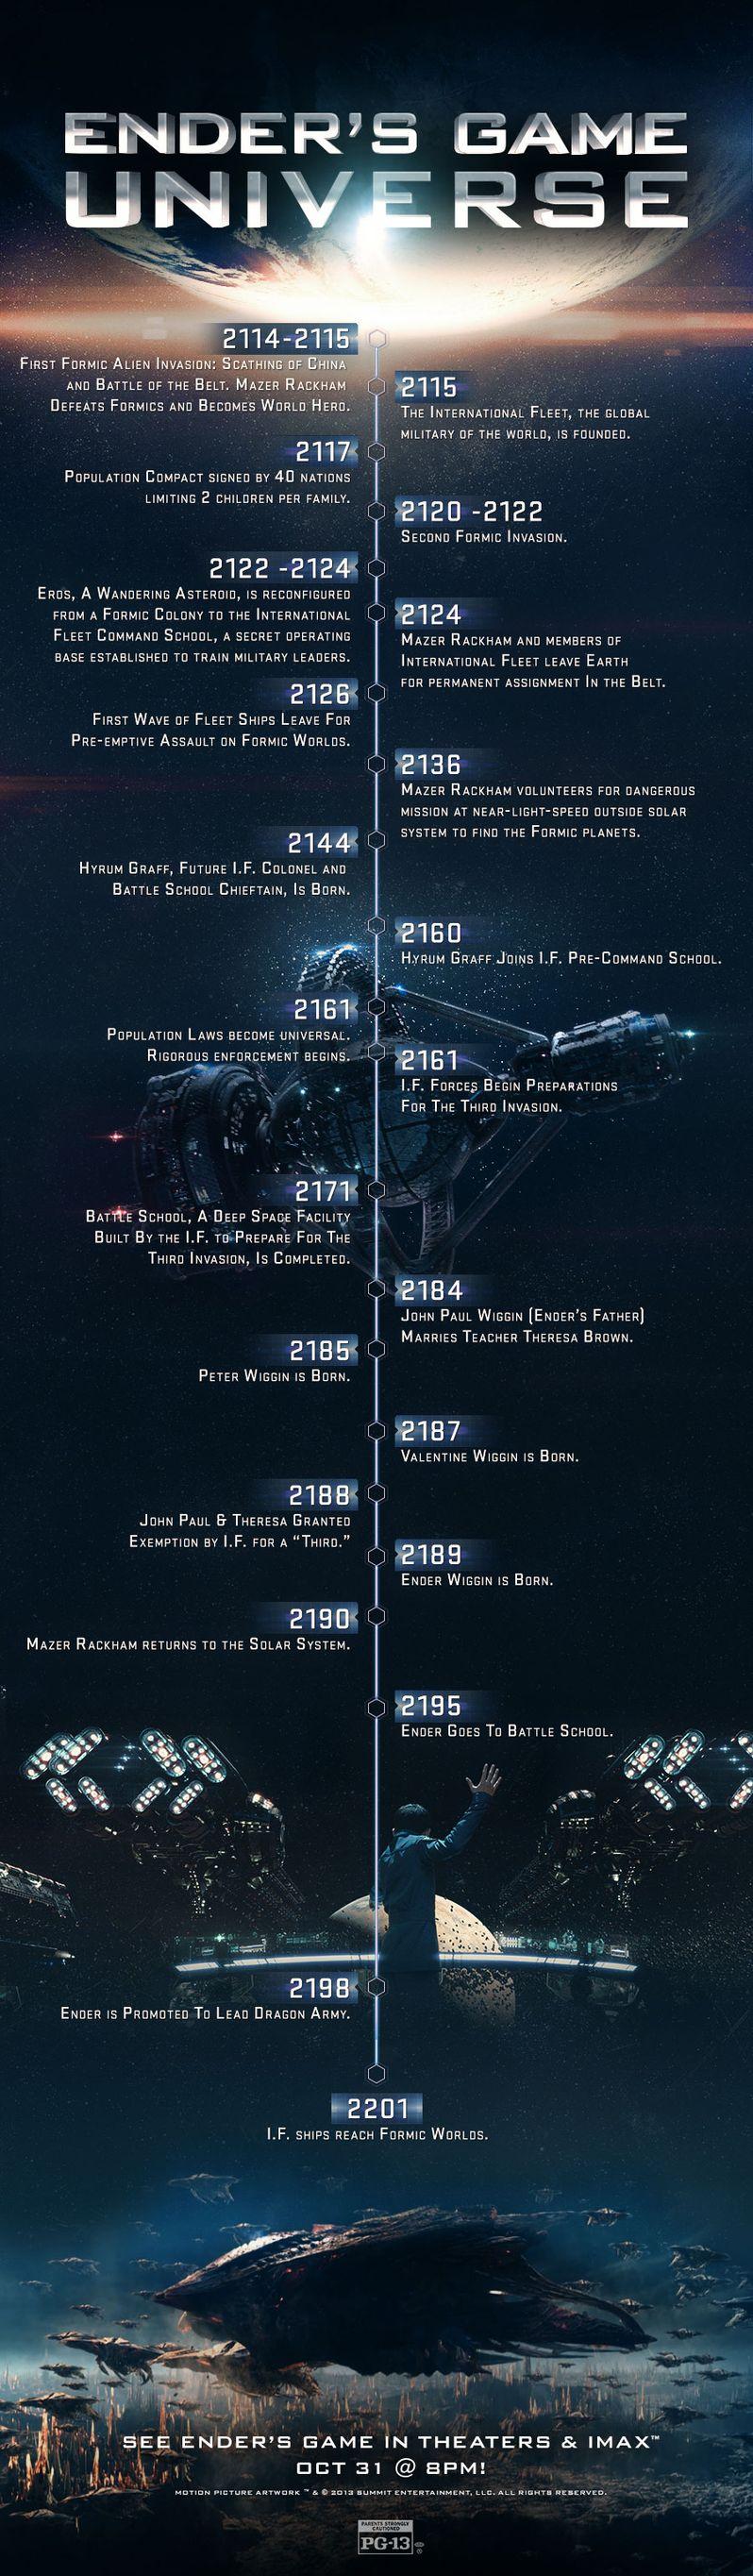 <strong><em>Ender's Game</em></strong> Universe Infographic